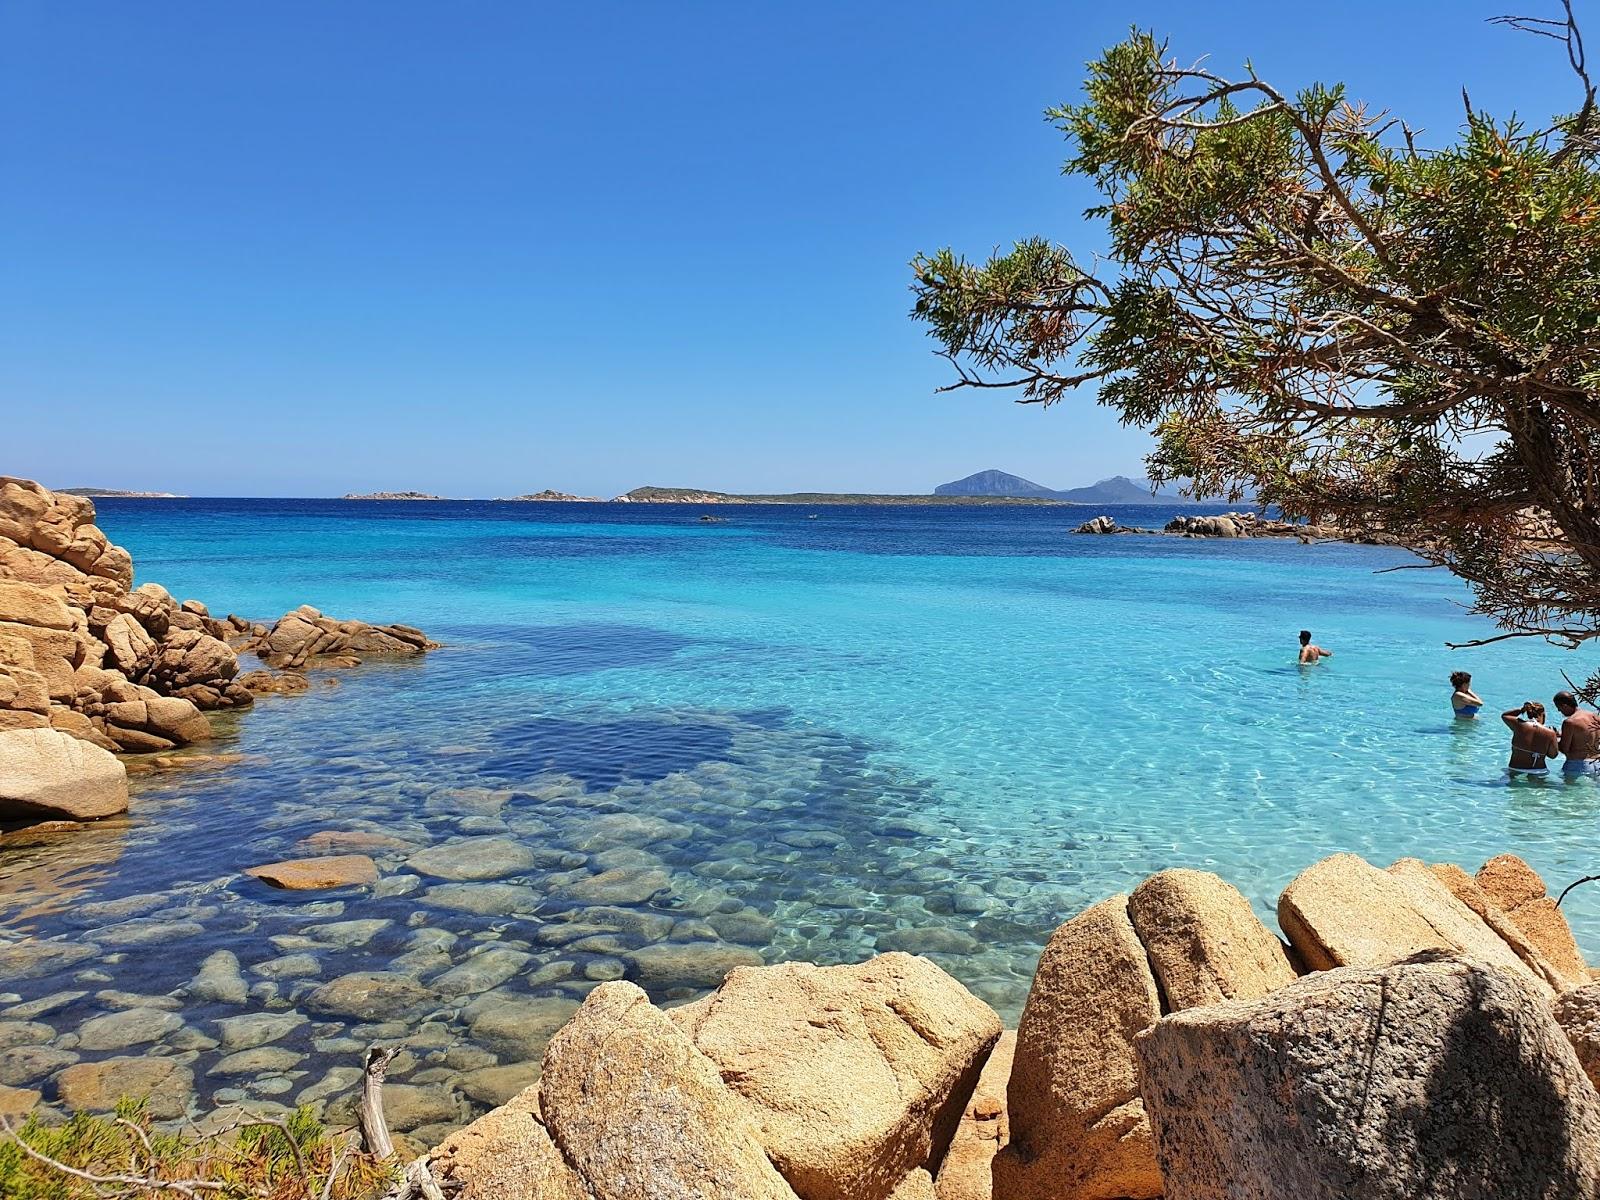 Plaże na Sardynii   Szmaragdowe Wybrzeże  - Nicole's travel journal - blog podróżniczy, lifestylowy, modowy